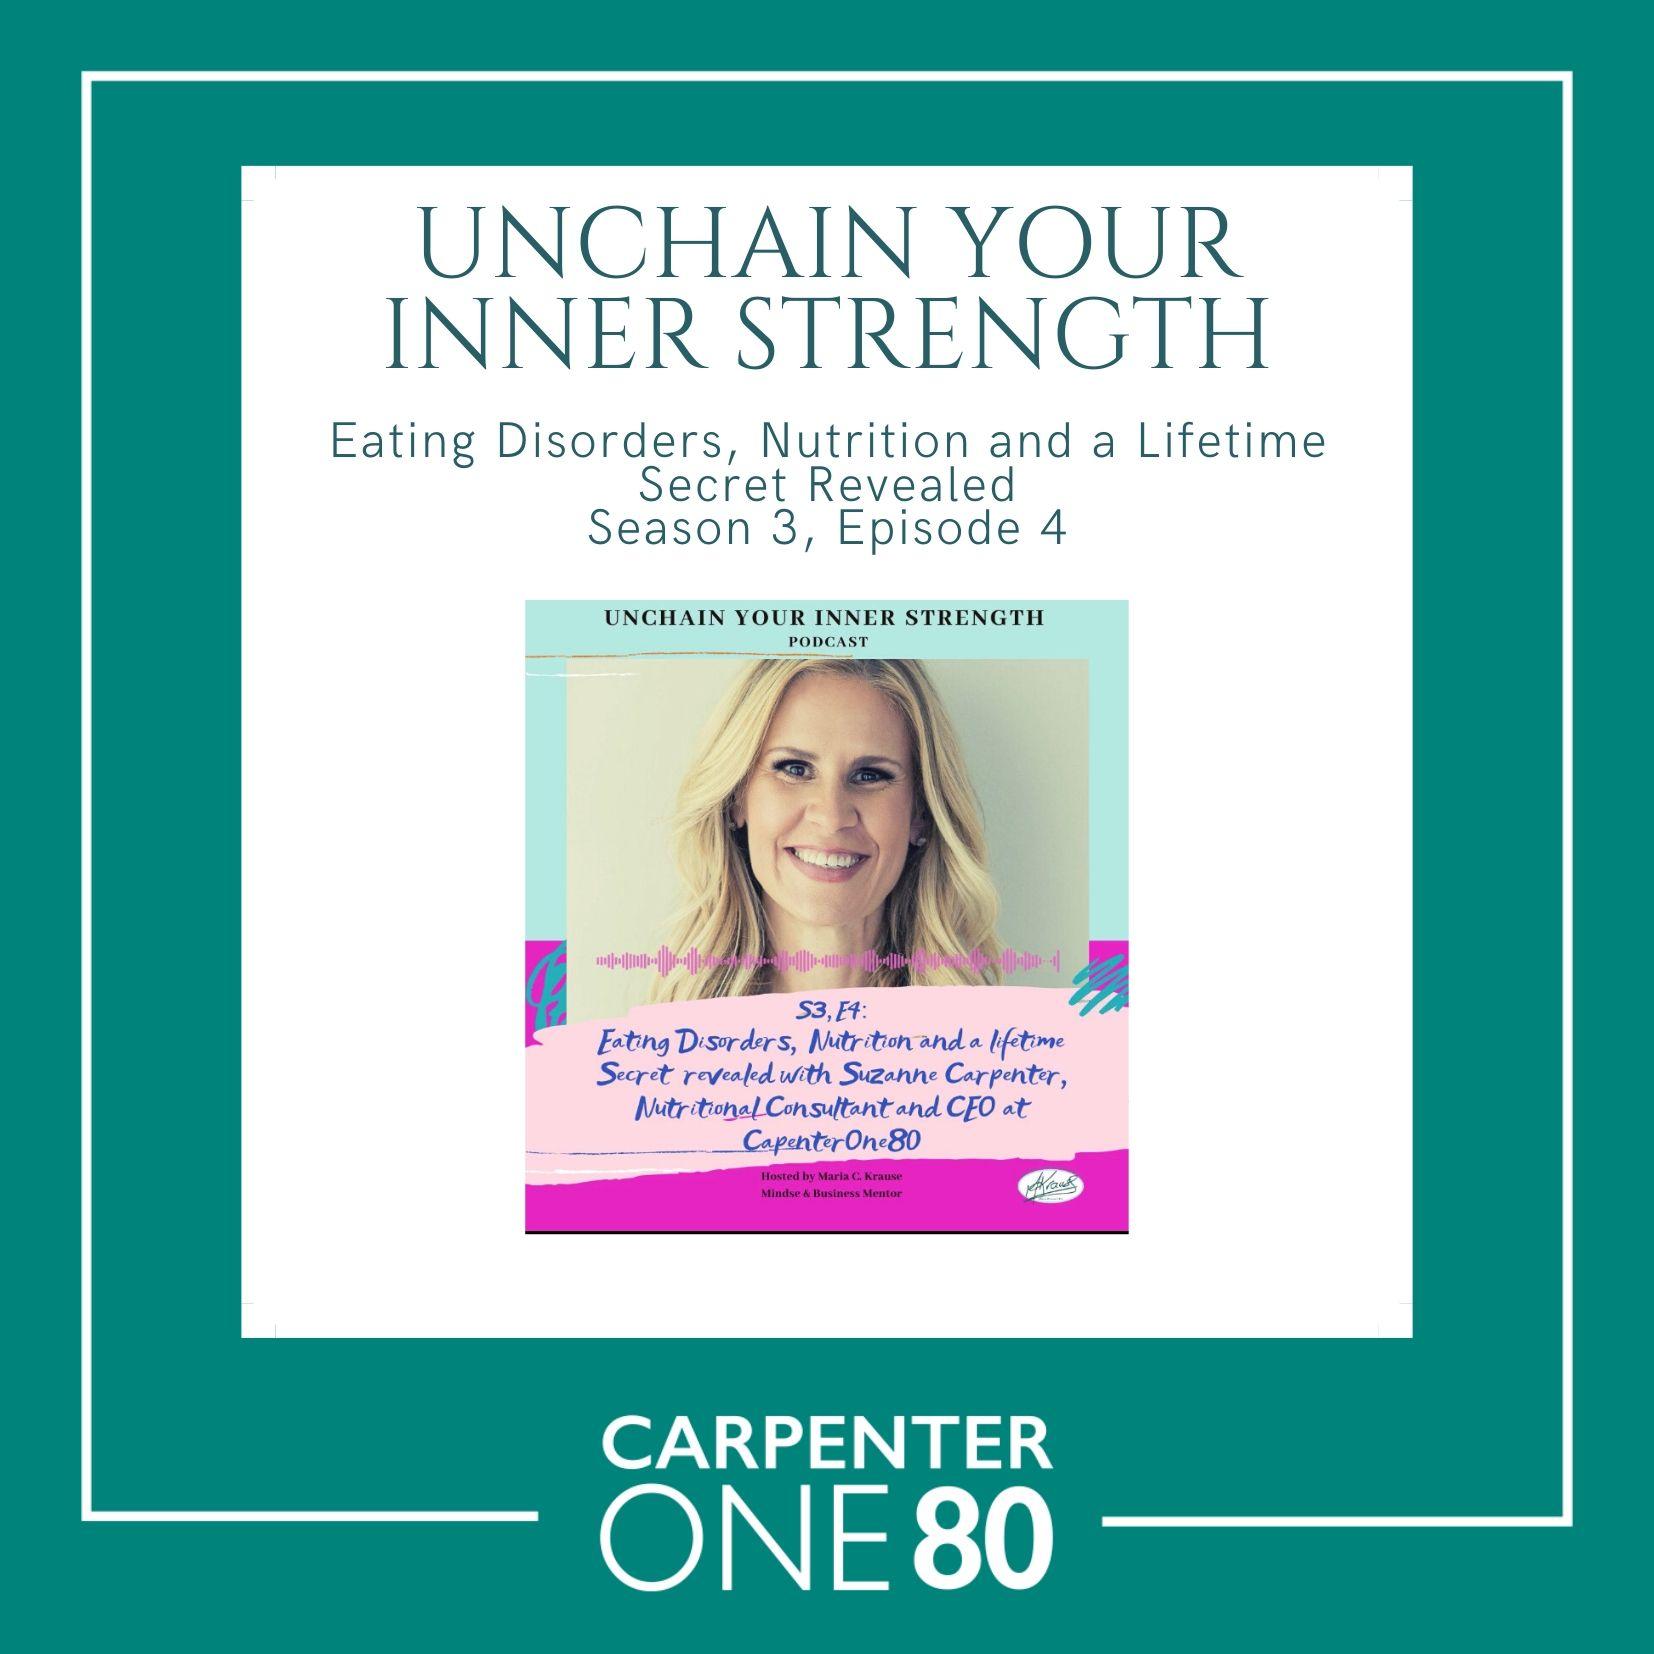 Unchain your inner strength Tile v2